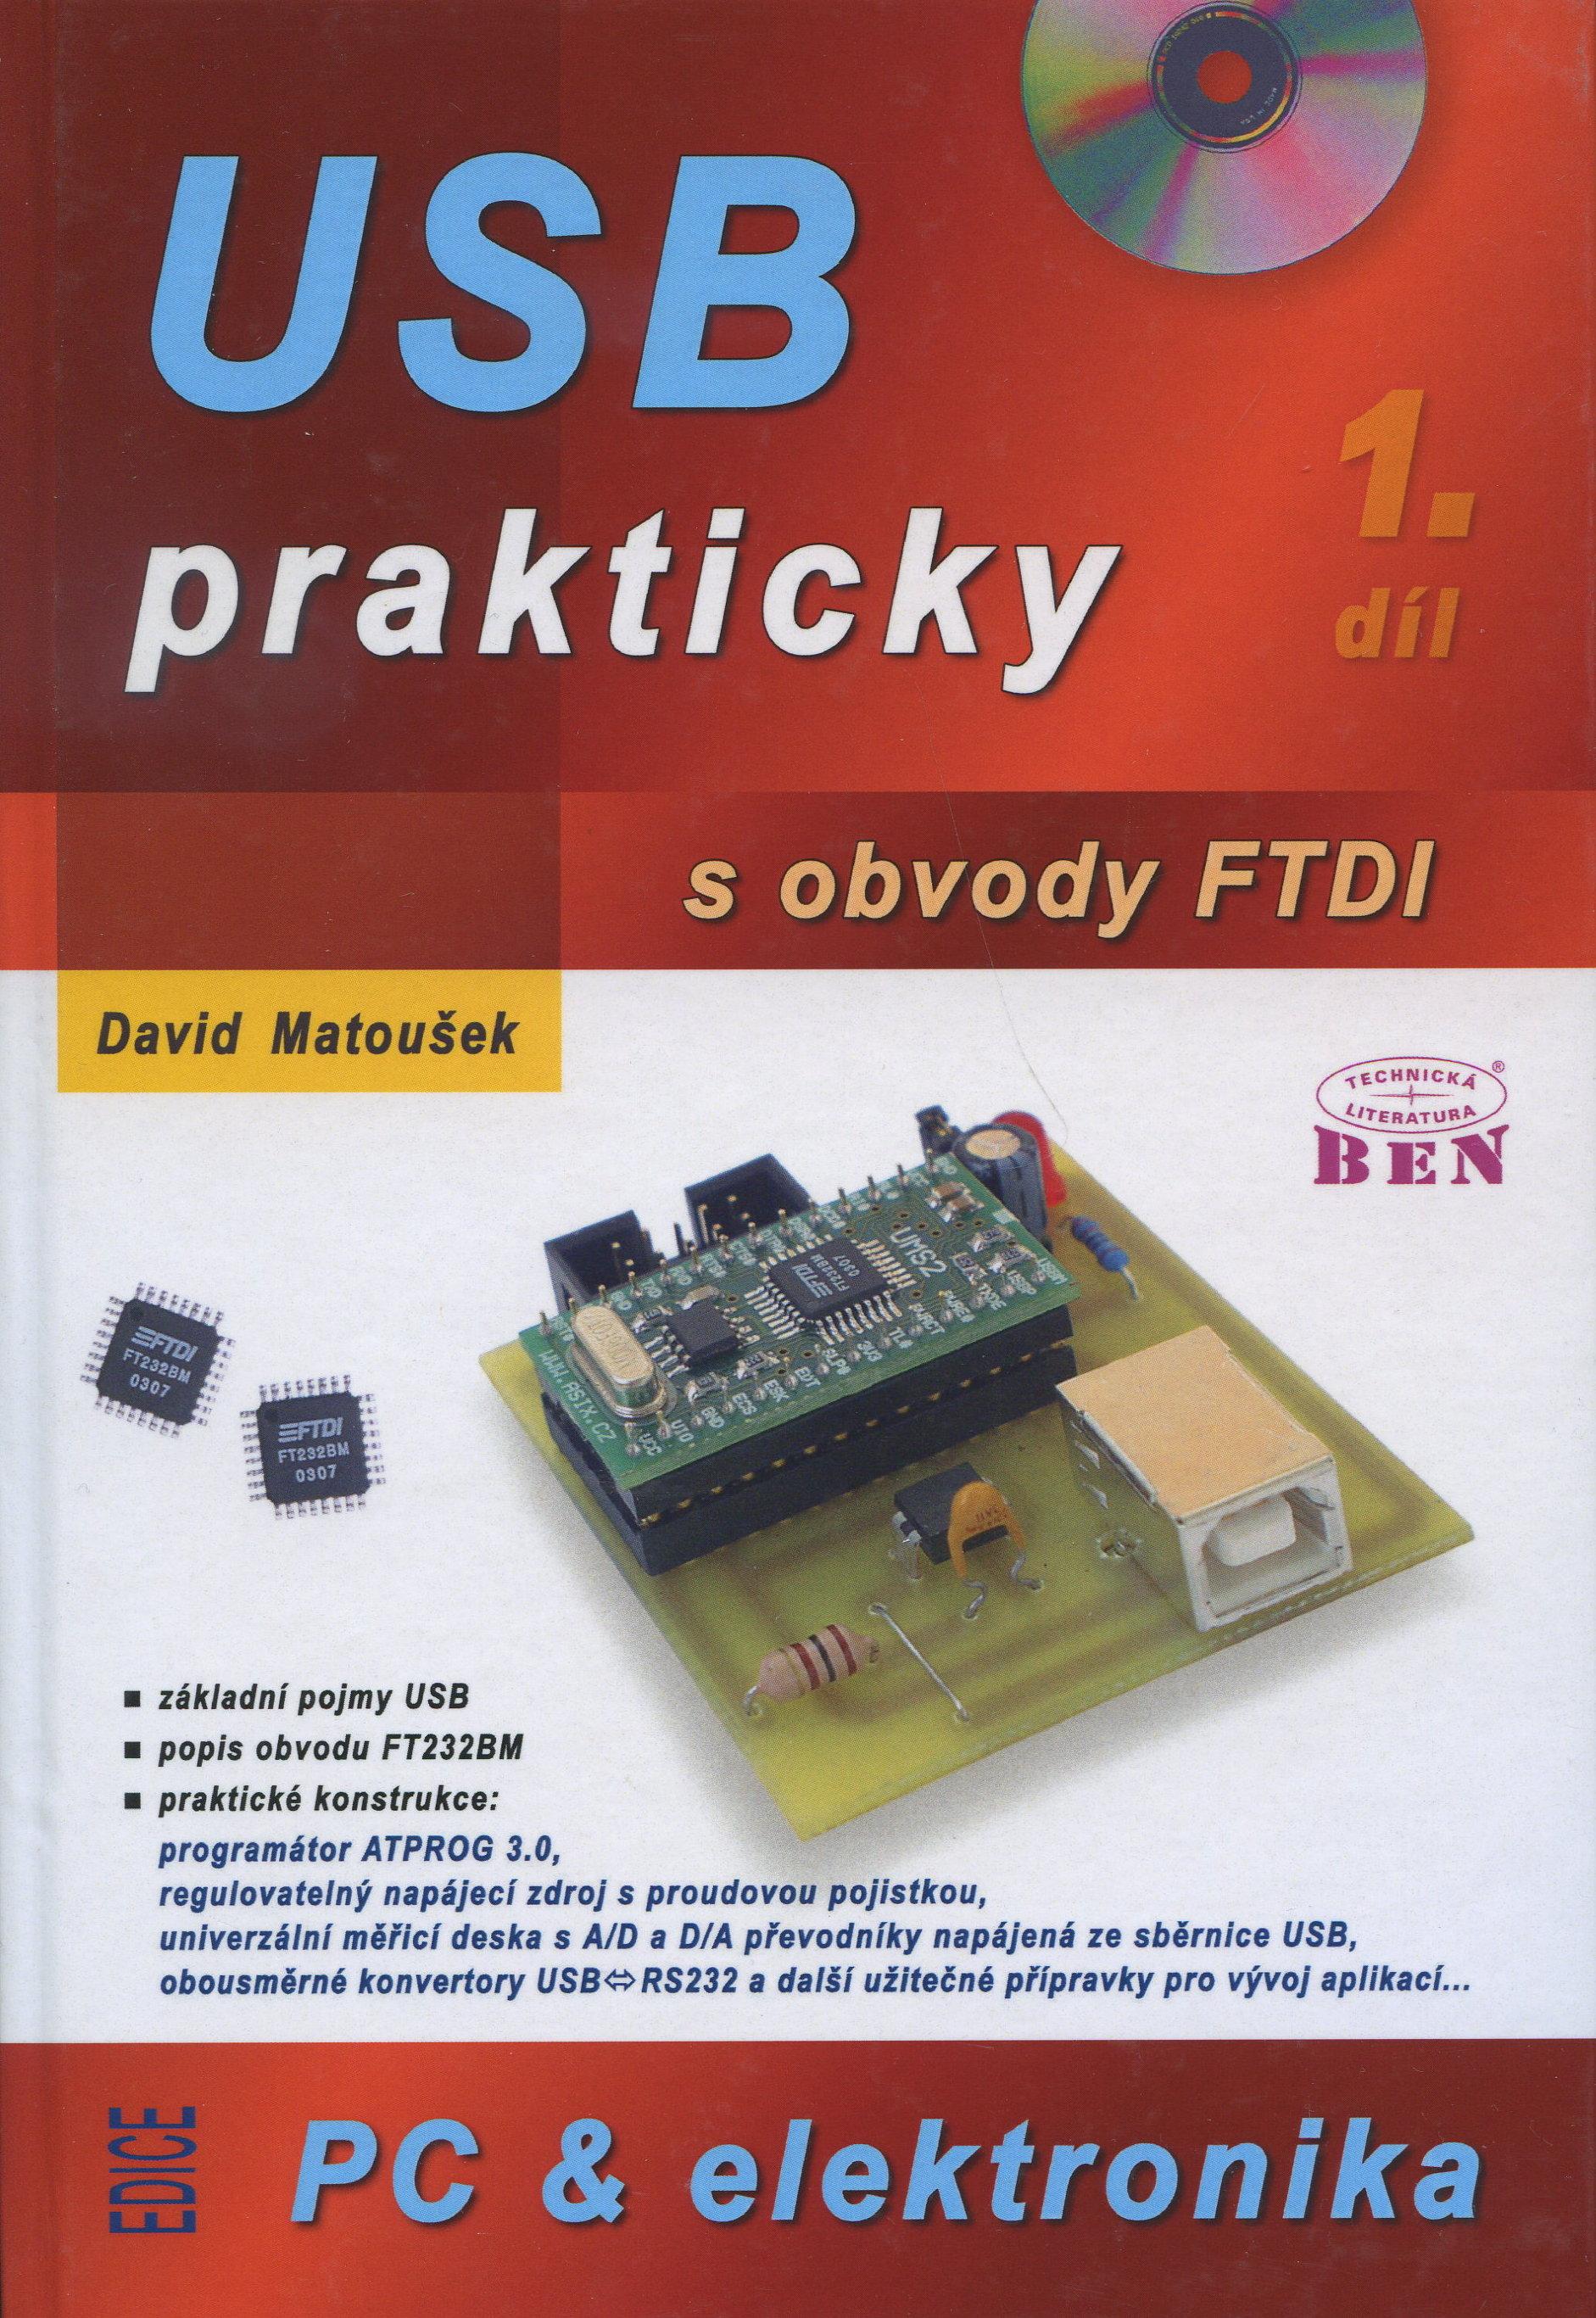 USB prakticky s obvody FTDI - 1. díl - měření, řízení a regulace pomocí několika jednoduchých přípravků